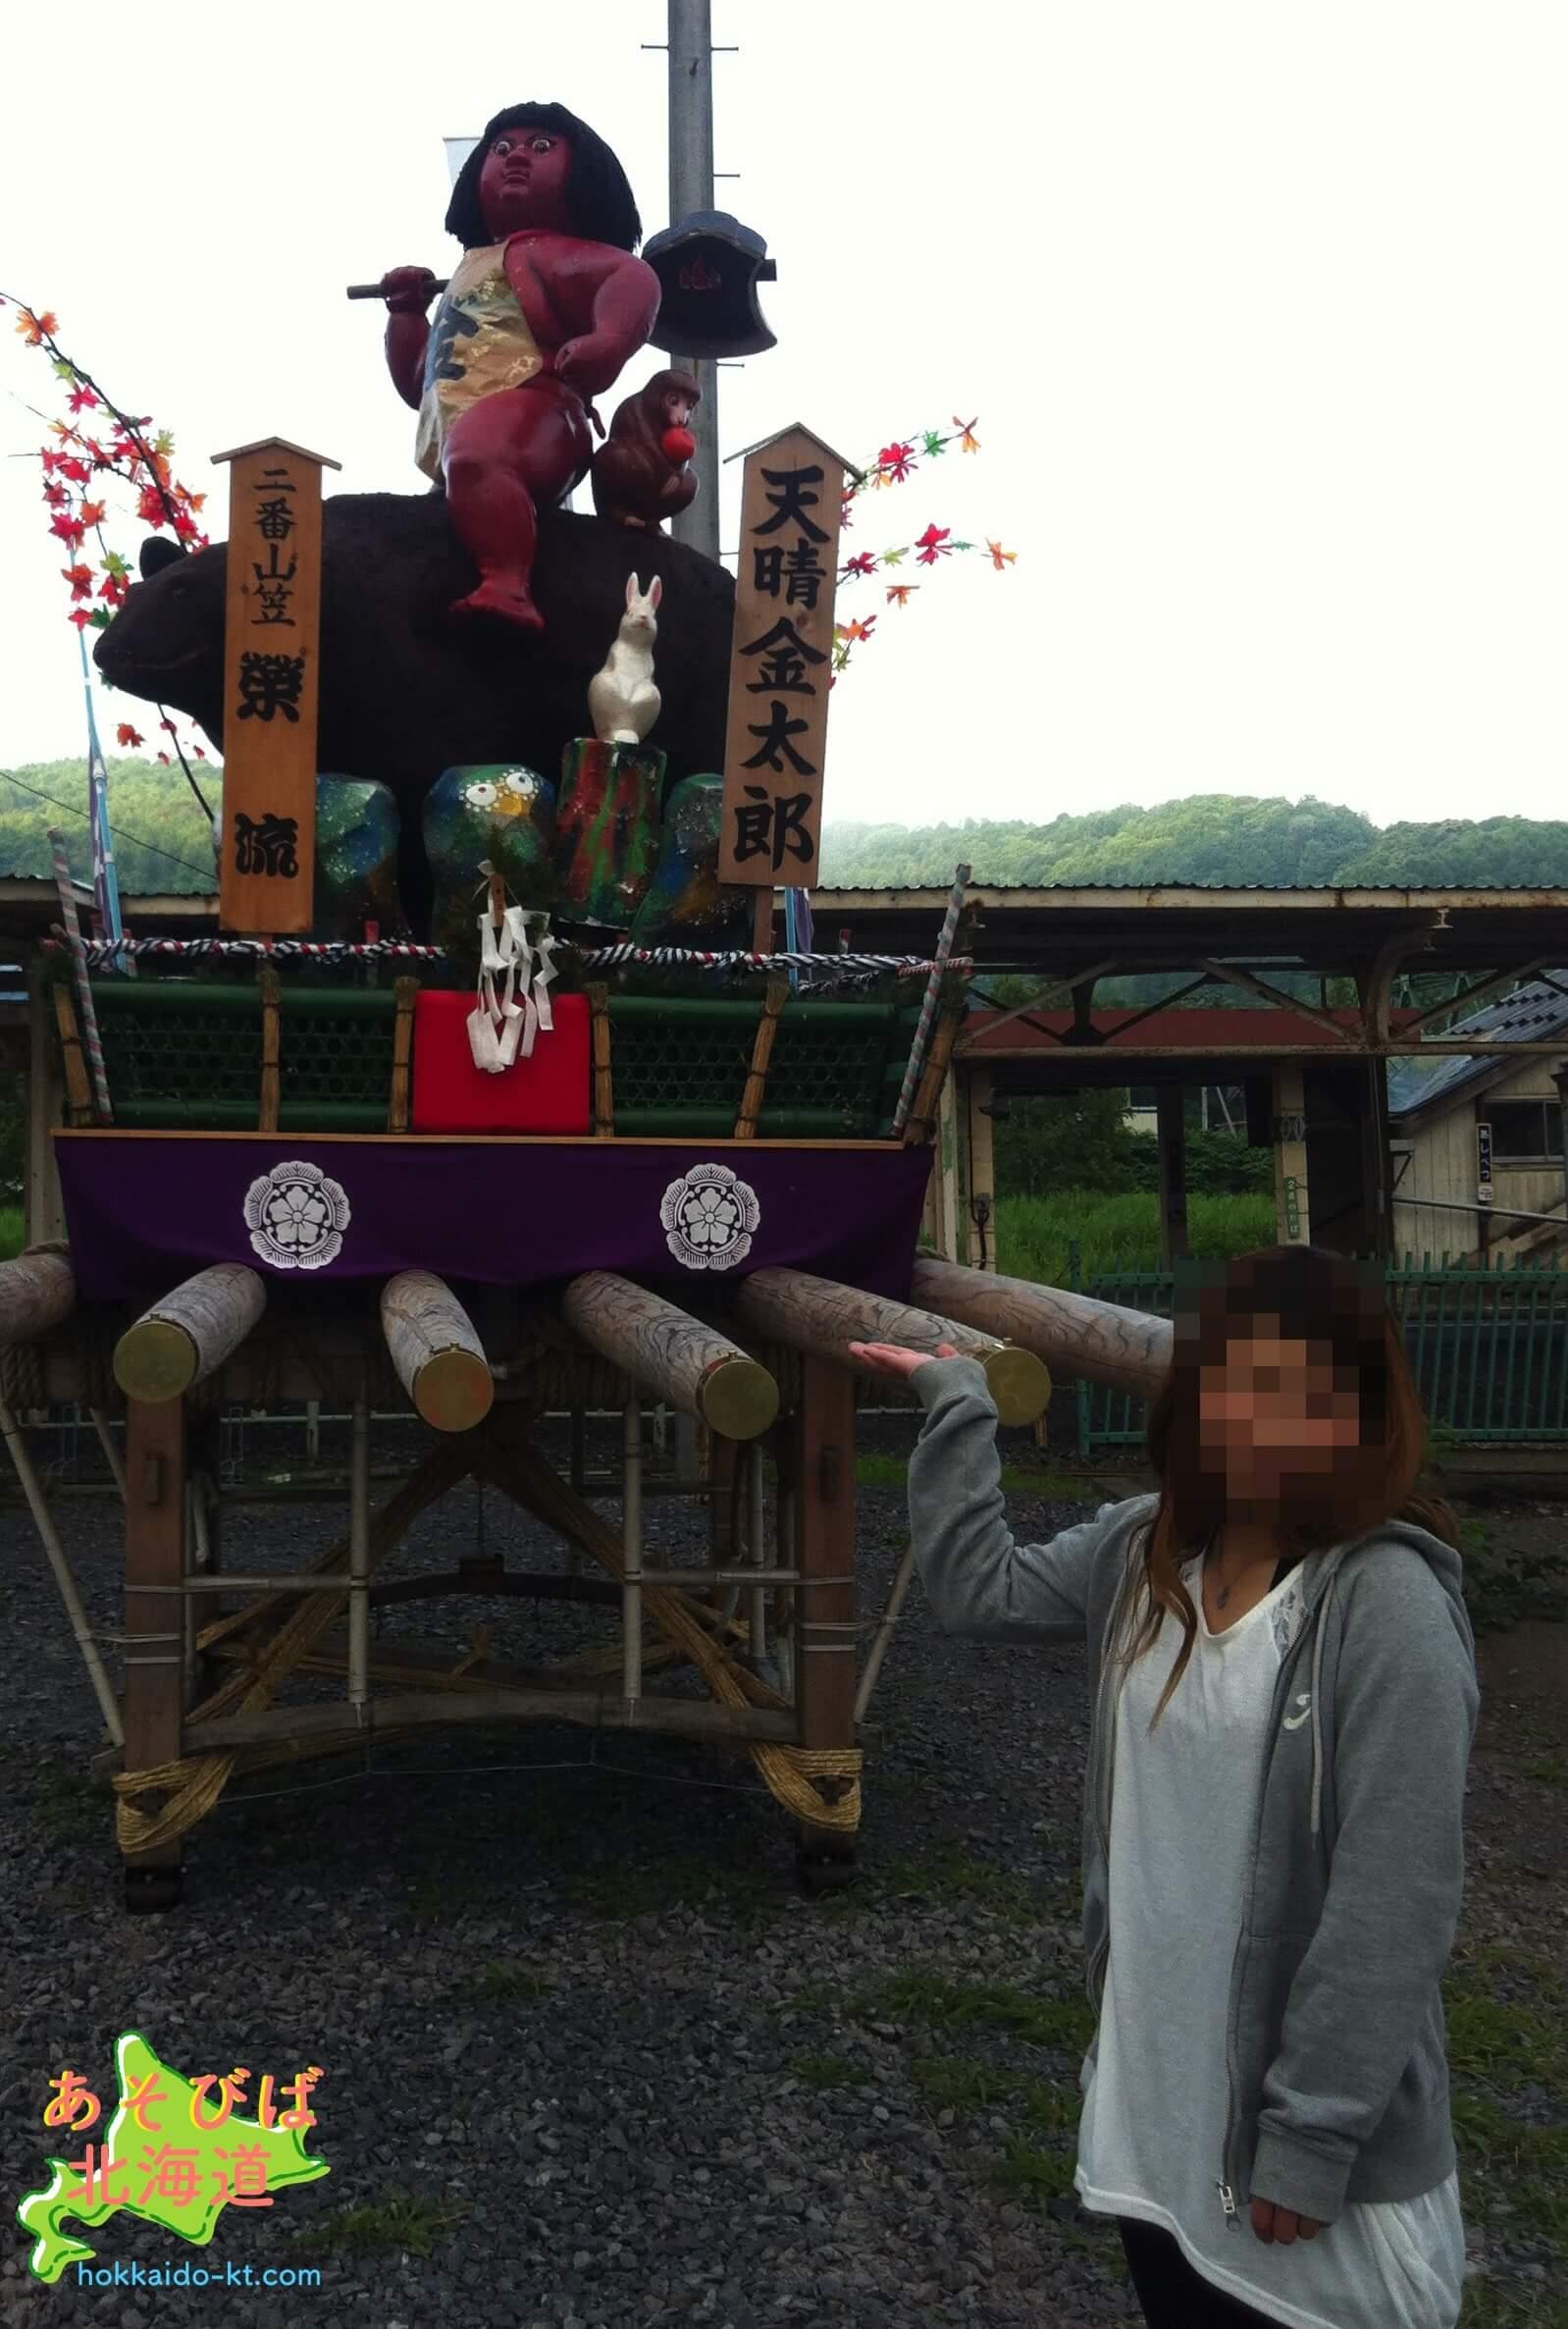 7月下旬北海道の早朝の画像